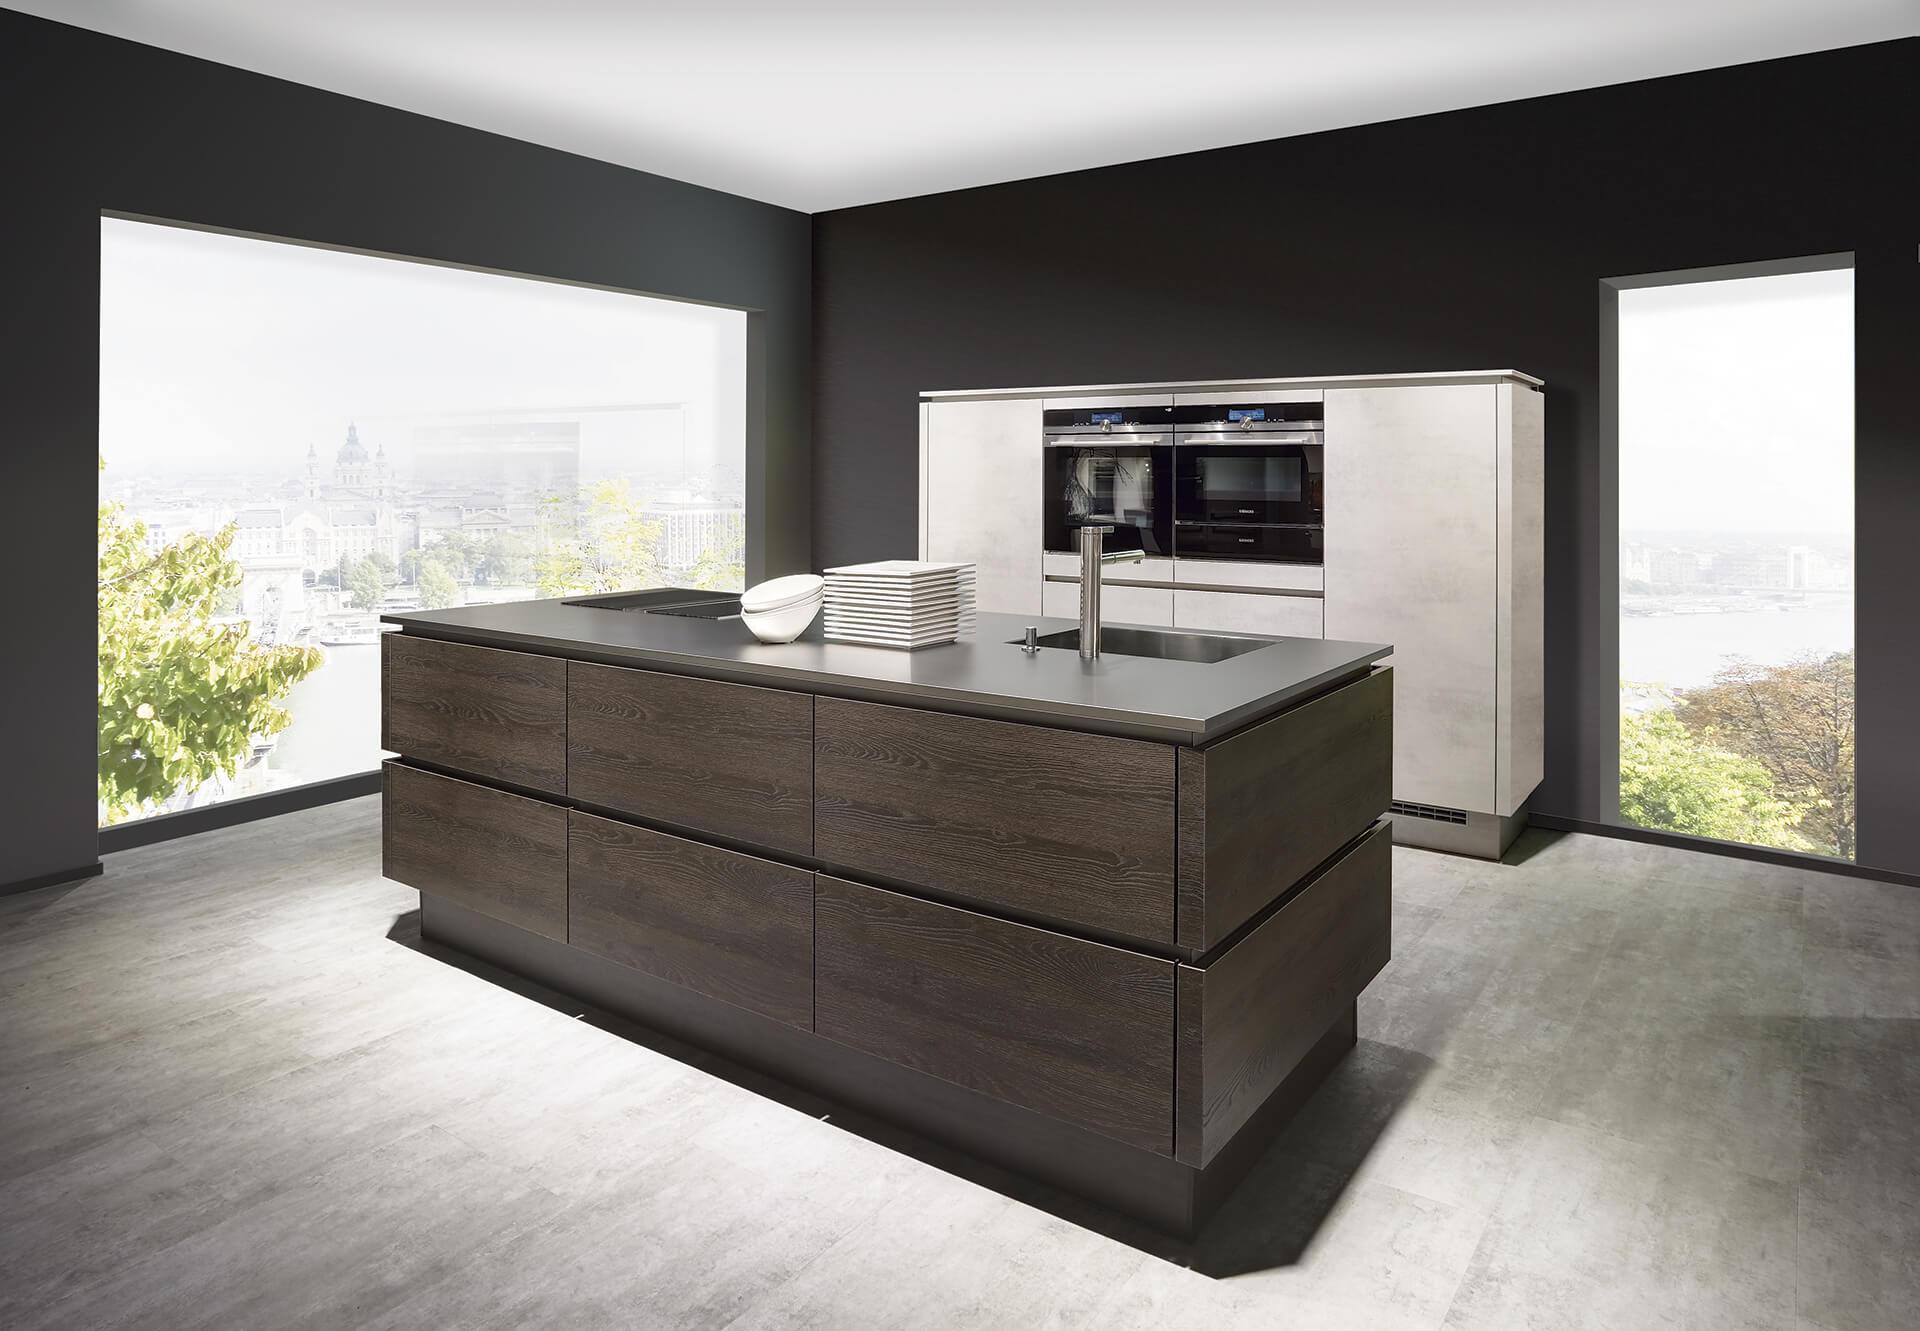 Ultra Moderne Keukens : Onze keukens driessen keukens